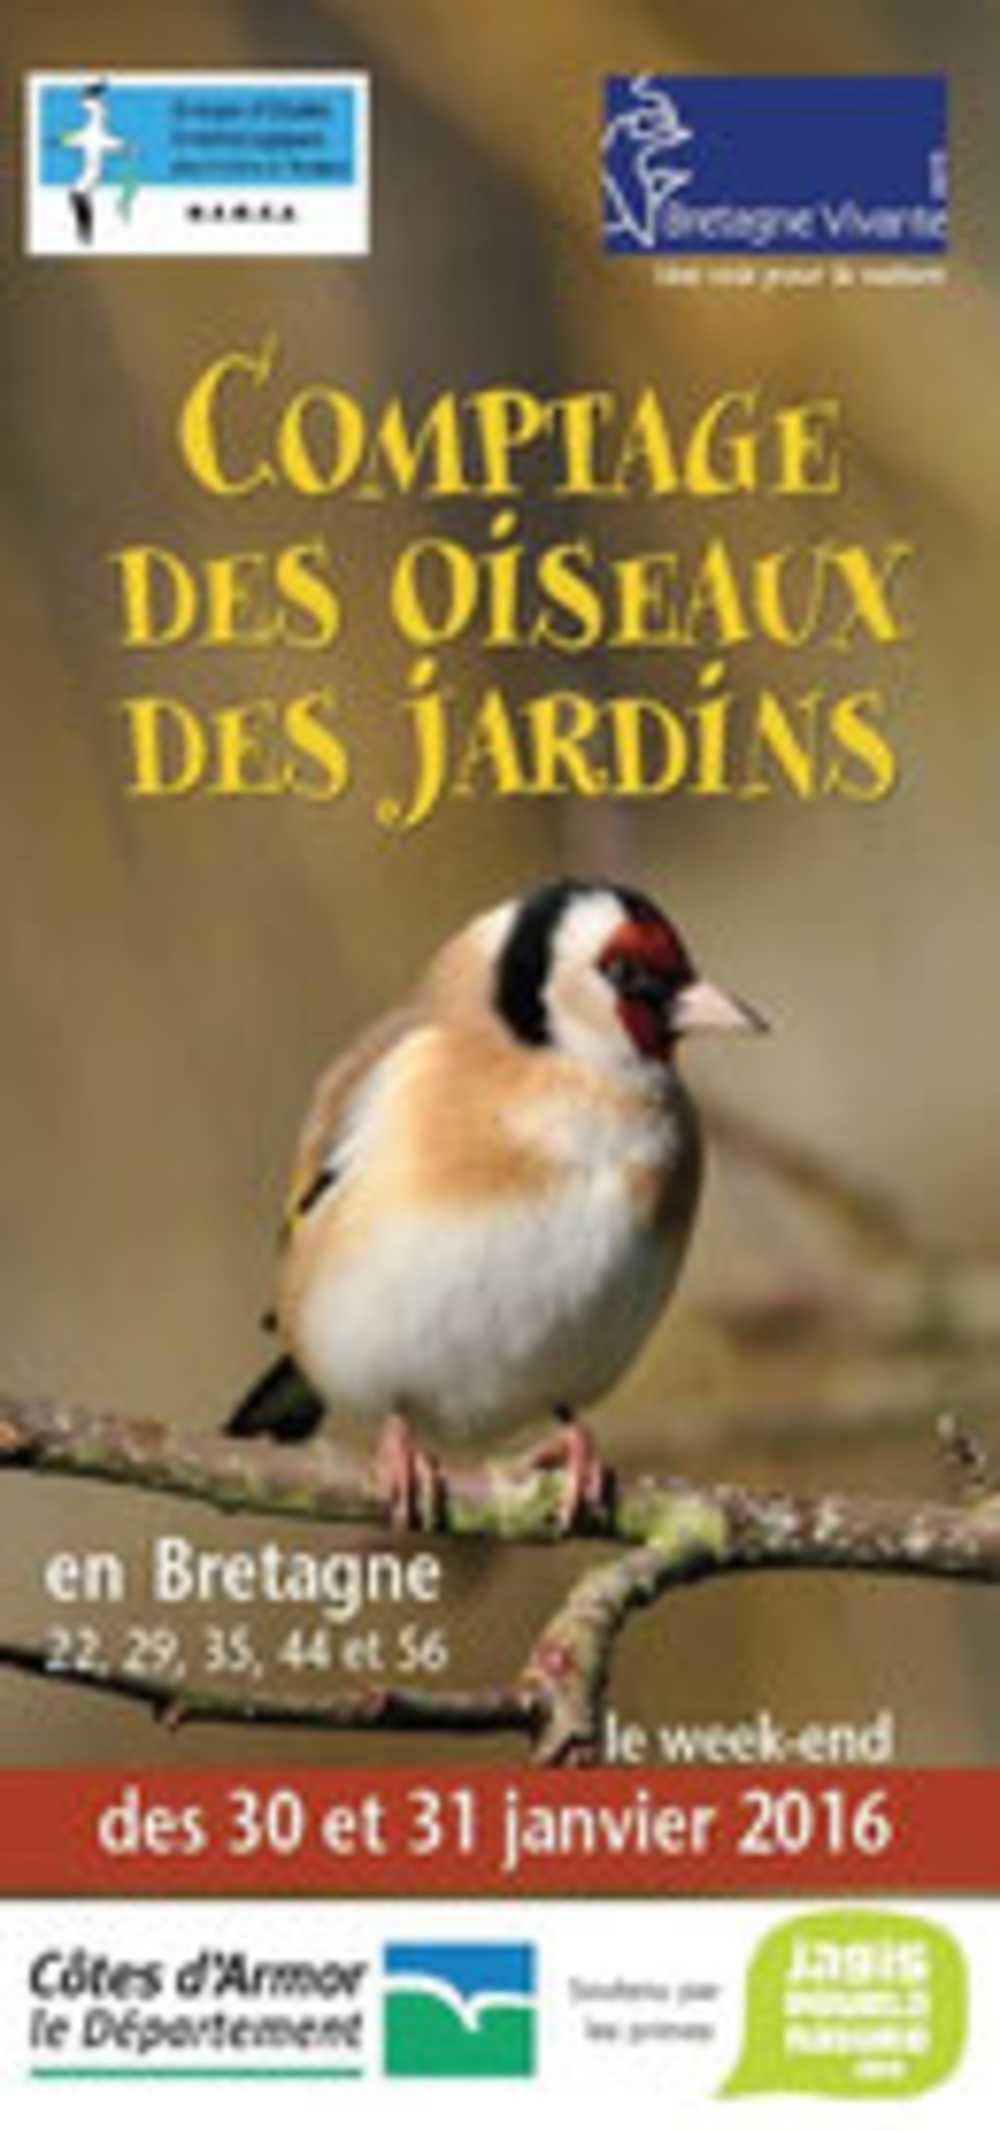 Comptage des oiseaux des jardins les 30 et 31 janvier 0